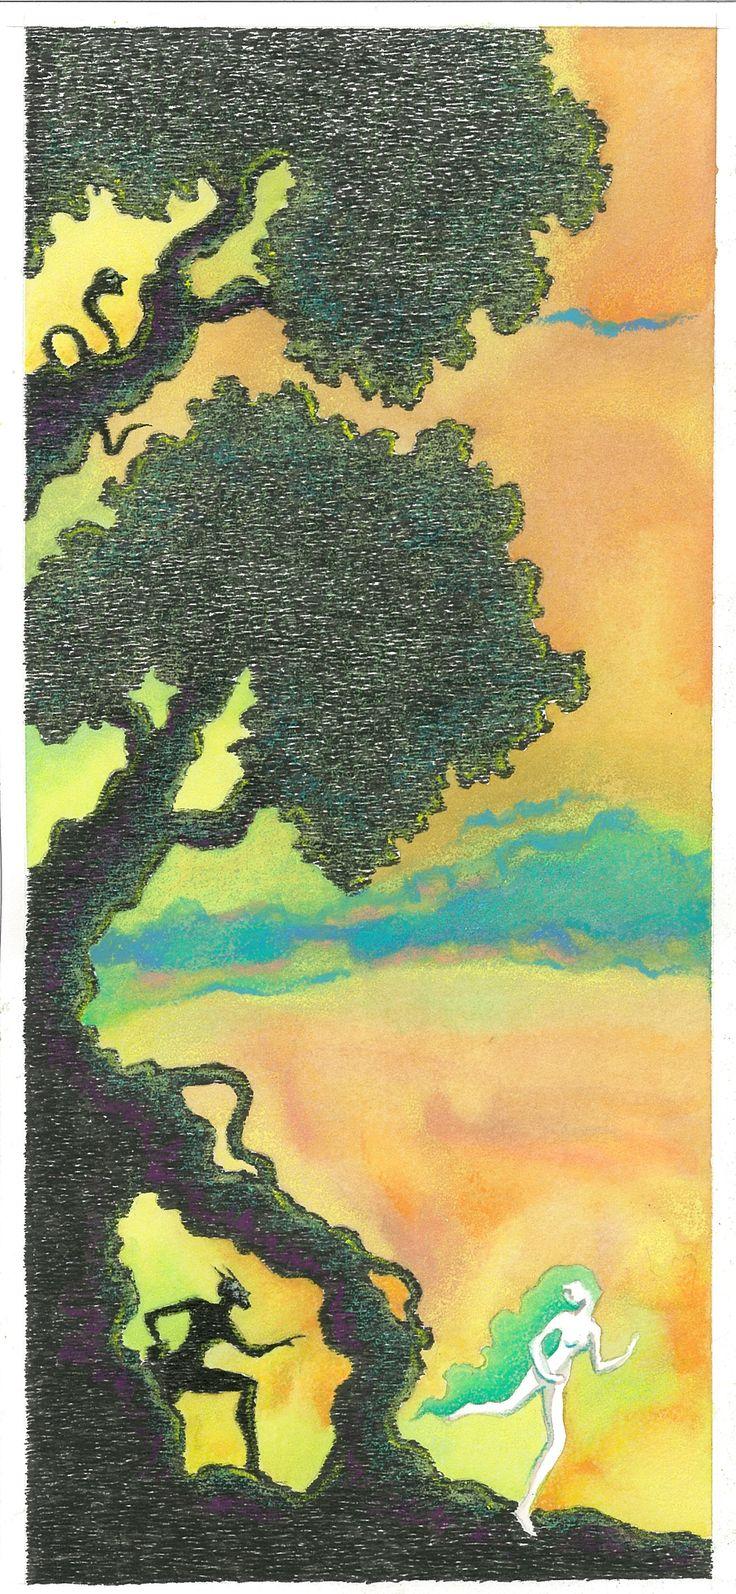 """""""L'Apres Midi d'un Faune"""", 2013  4-La bellezza d'intorno confonde in errore. China, acquerelli, pastelli a cera - Ink, watercolors, wax crayons."""